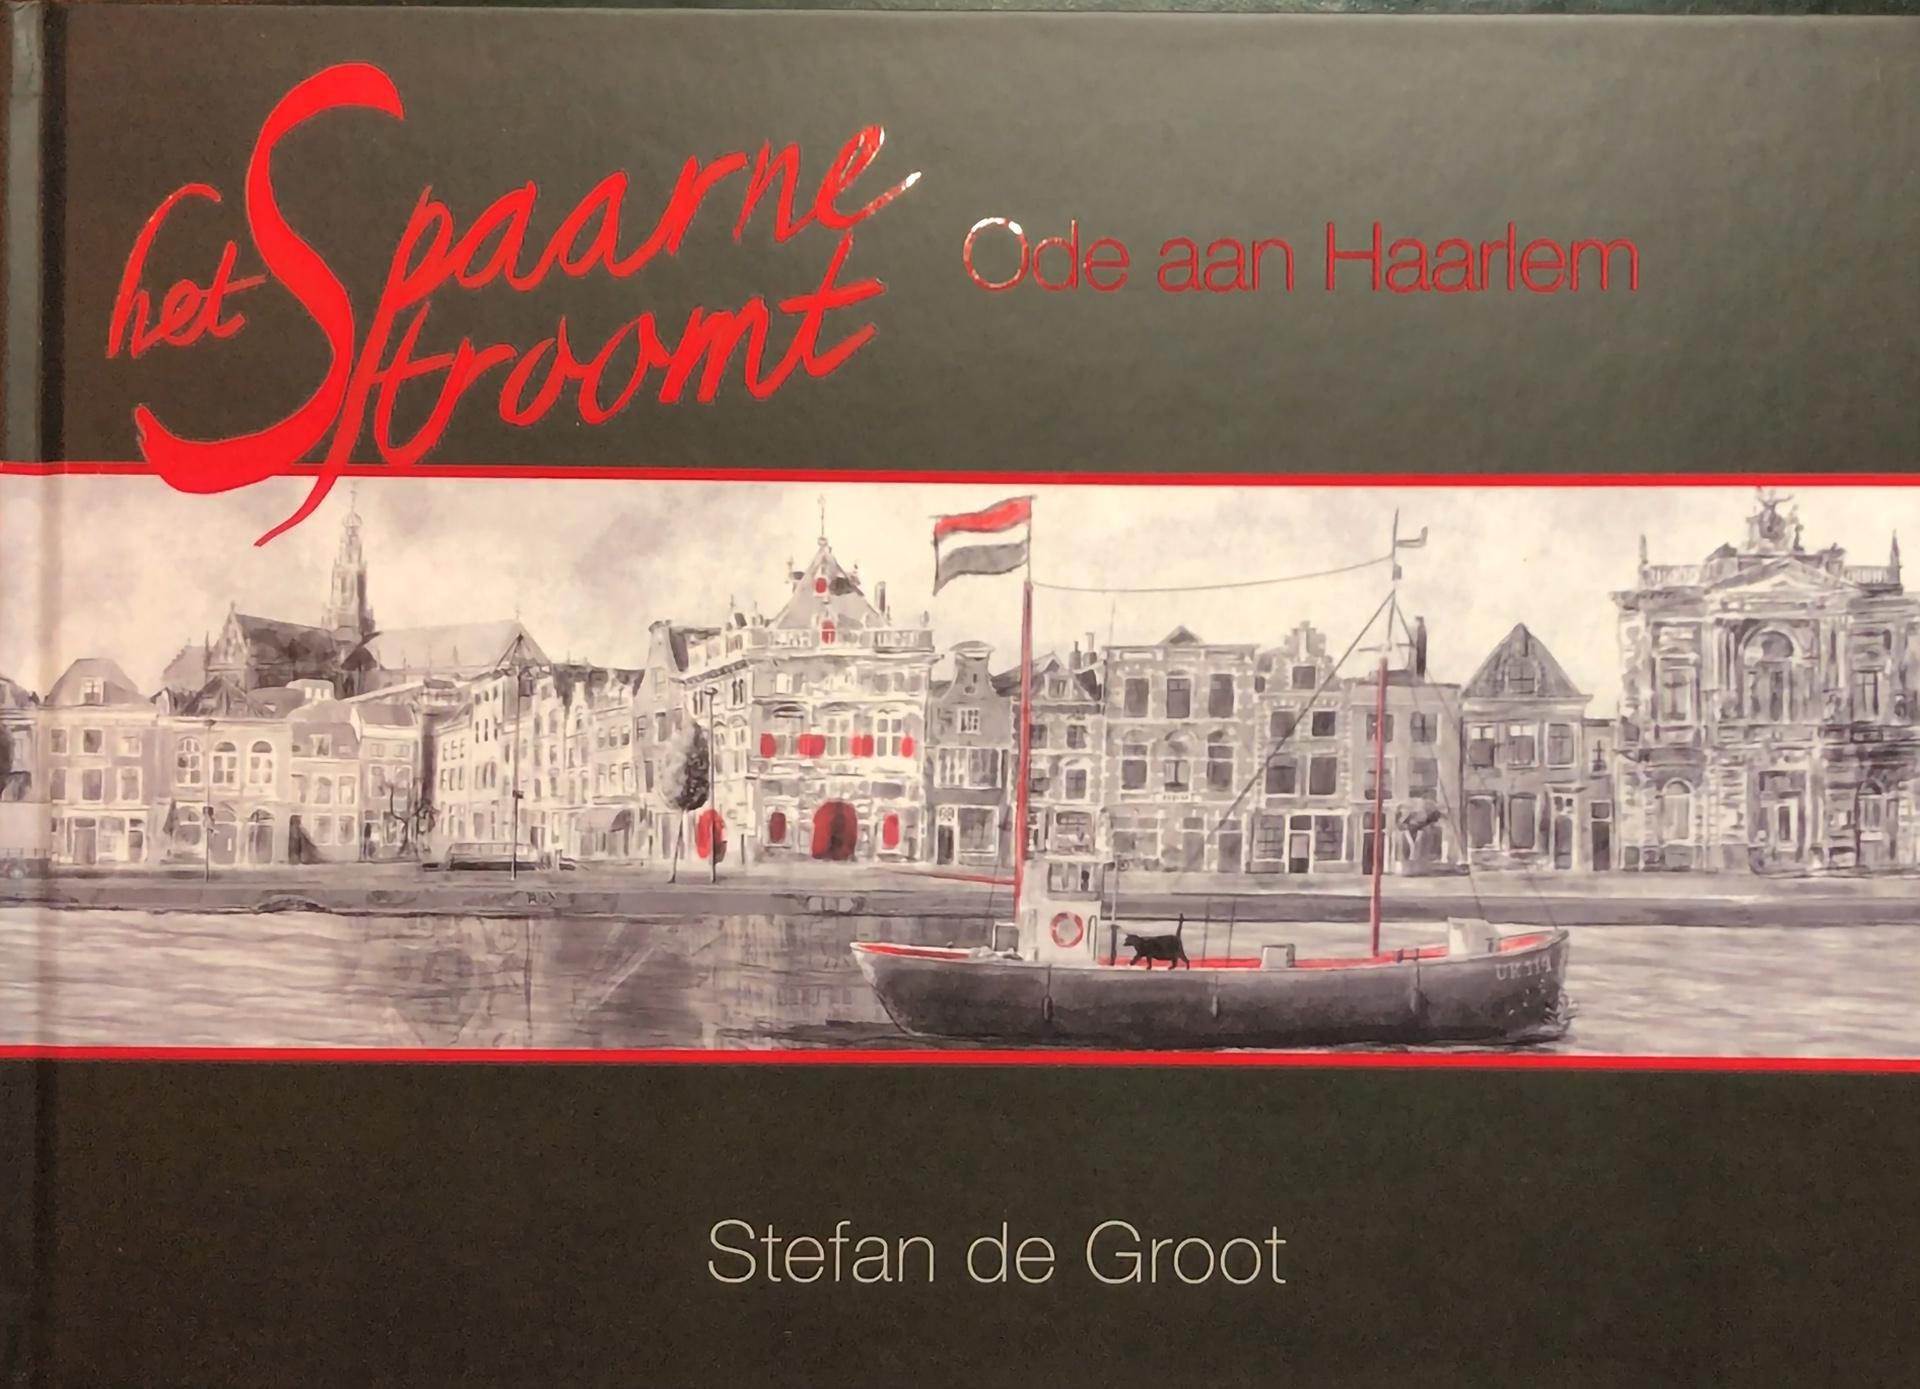 Het Spaarne Stroomt - Ode aan Haarlem Cover Stefan de Groot